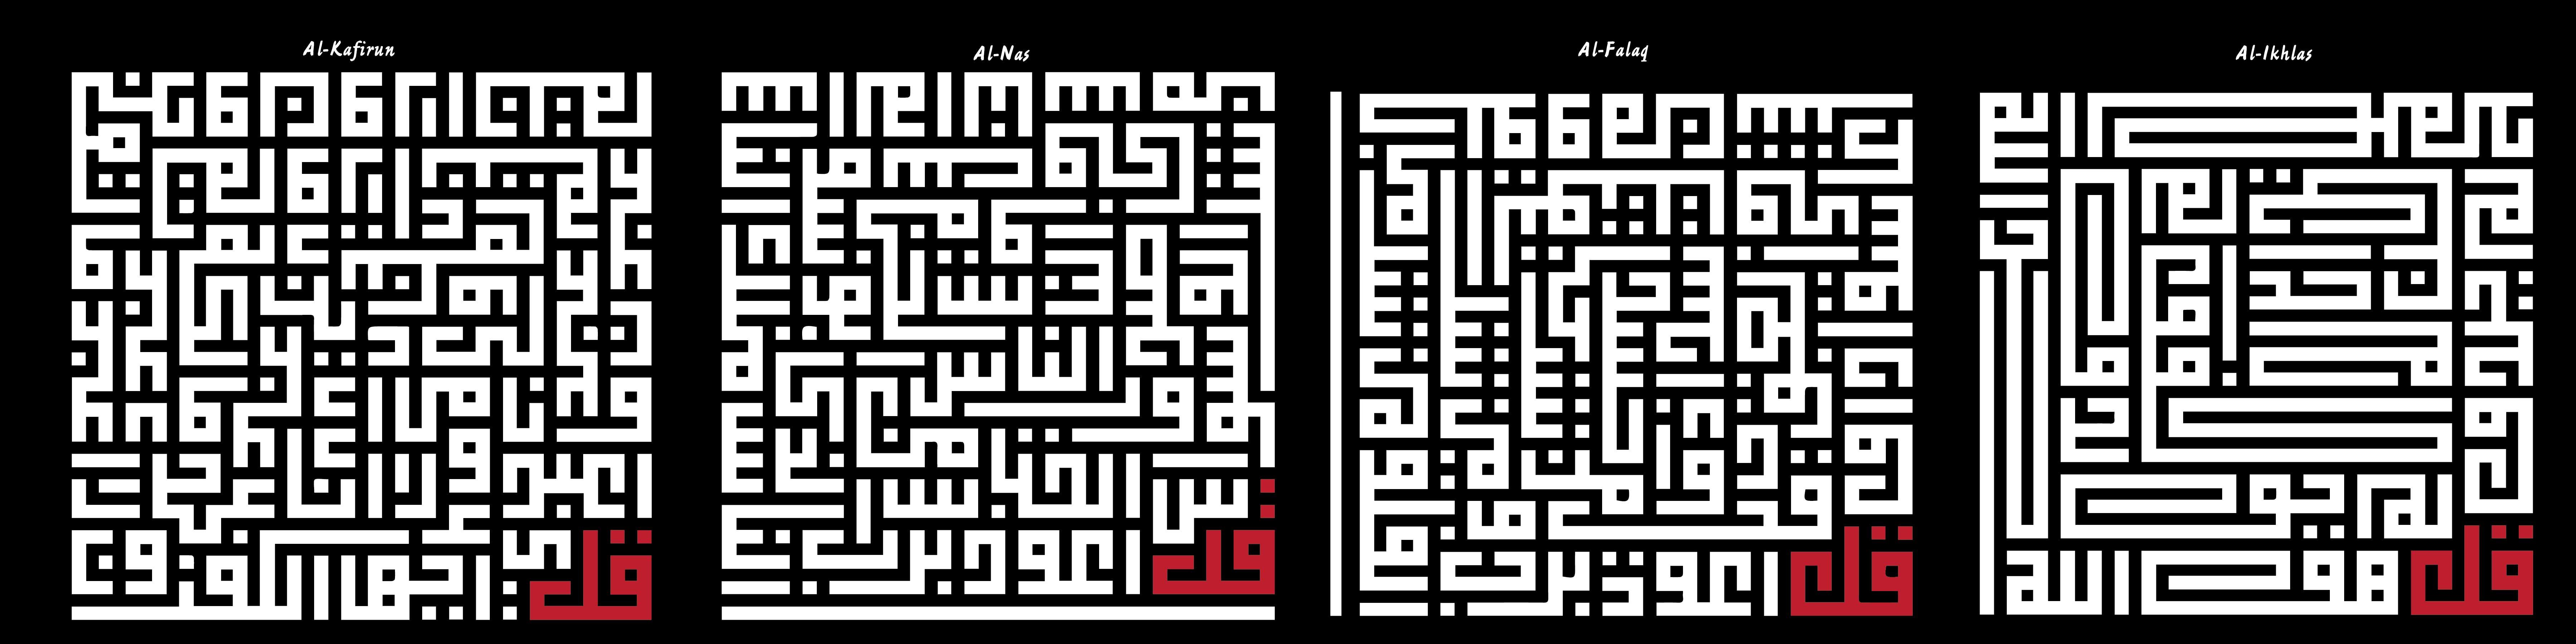 تجليات الخط الكوفي بمتحف محمود مختار